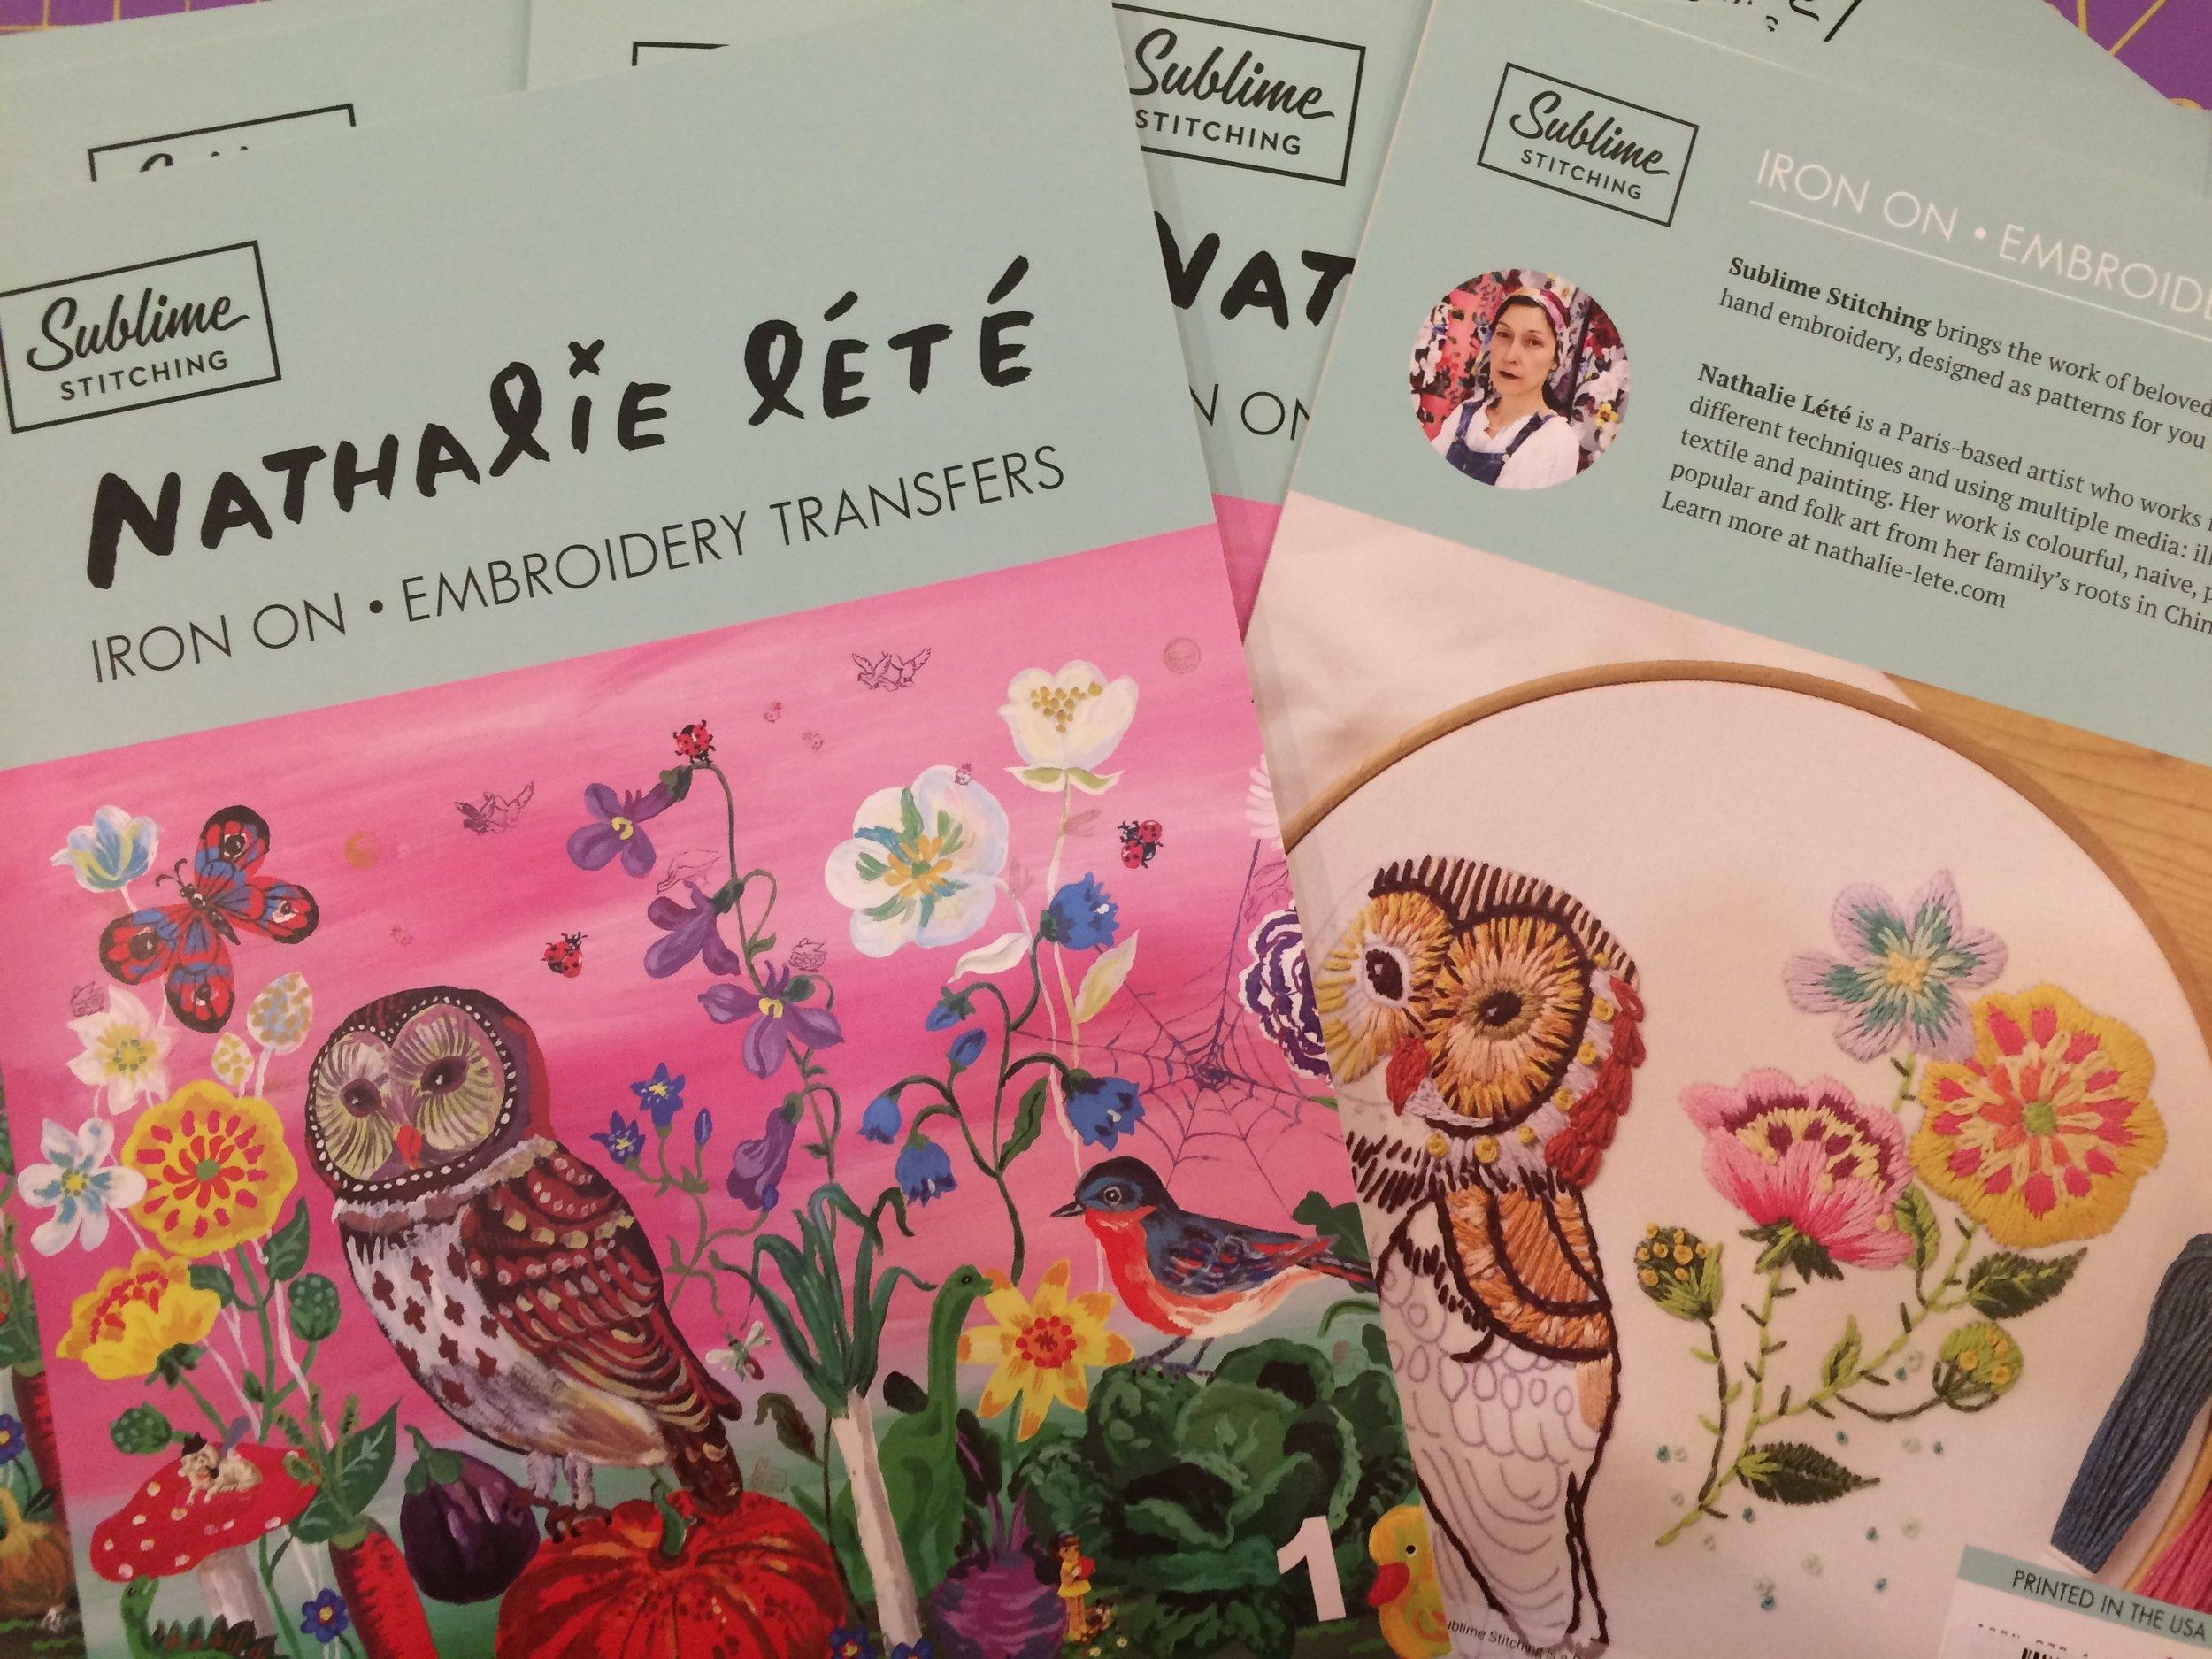 Sublime Stitching's new artist portfolio by Nathalie Lété